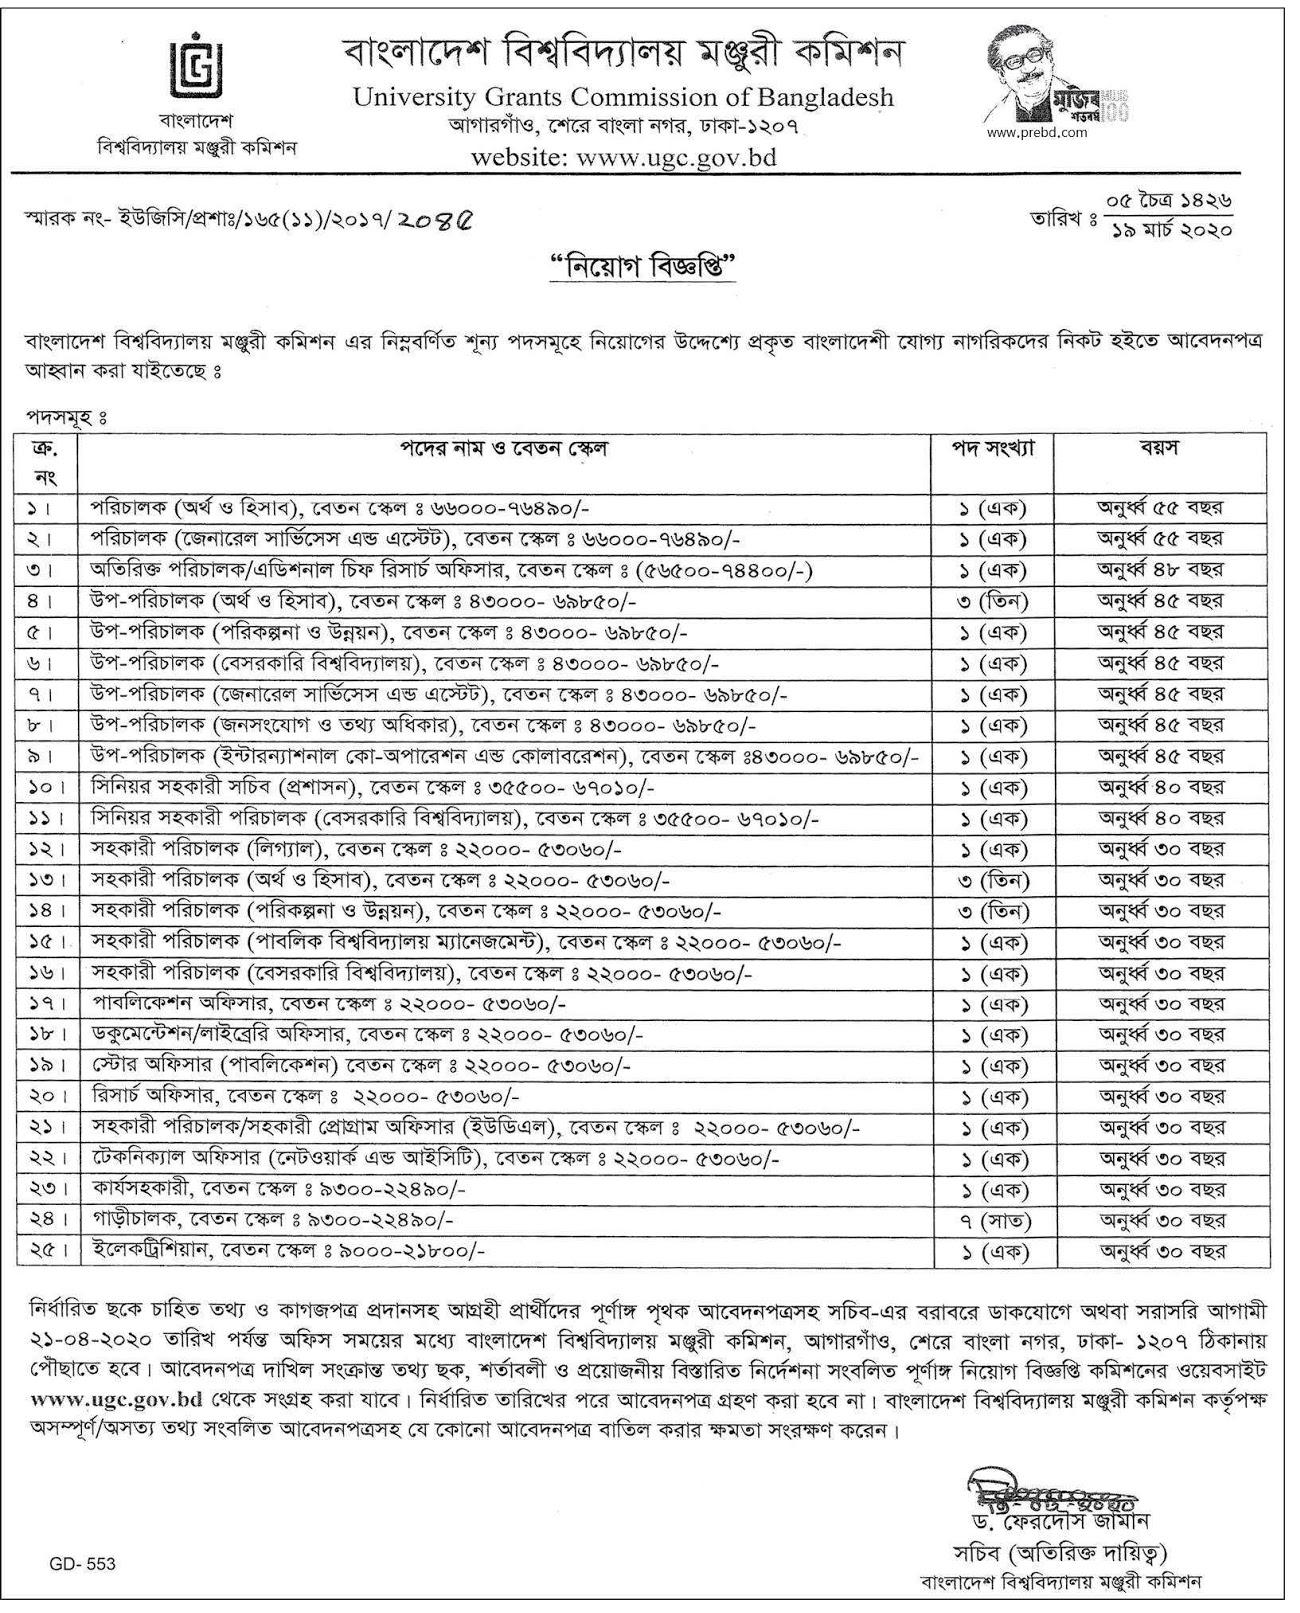 UGC Job Circular 2020